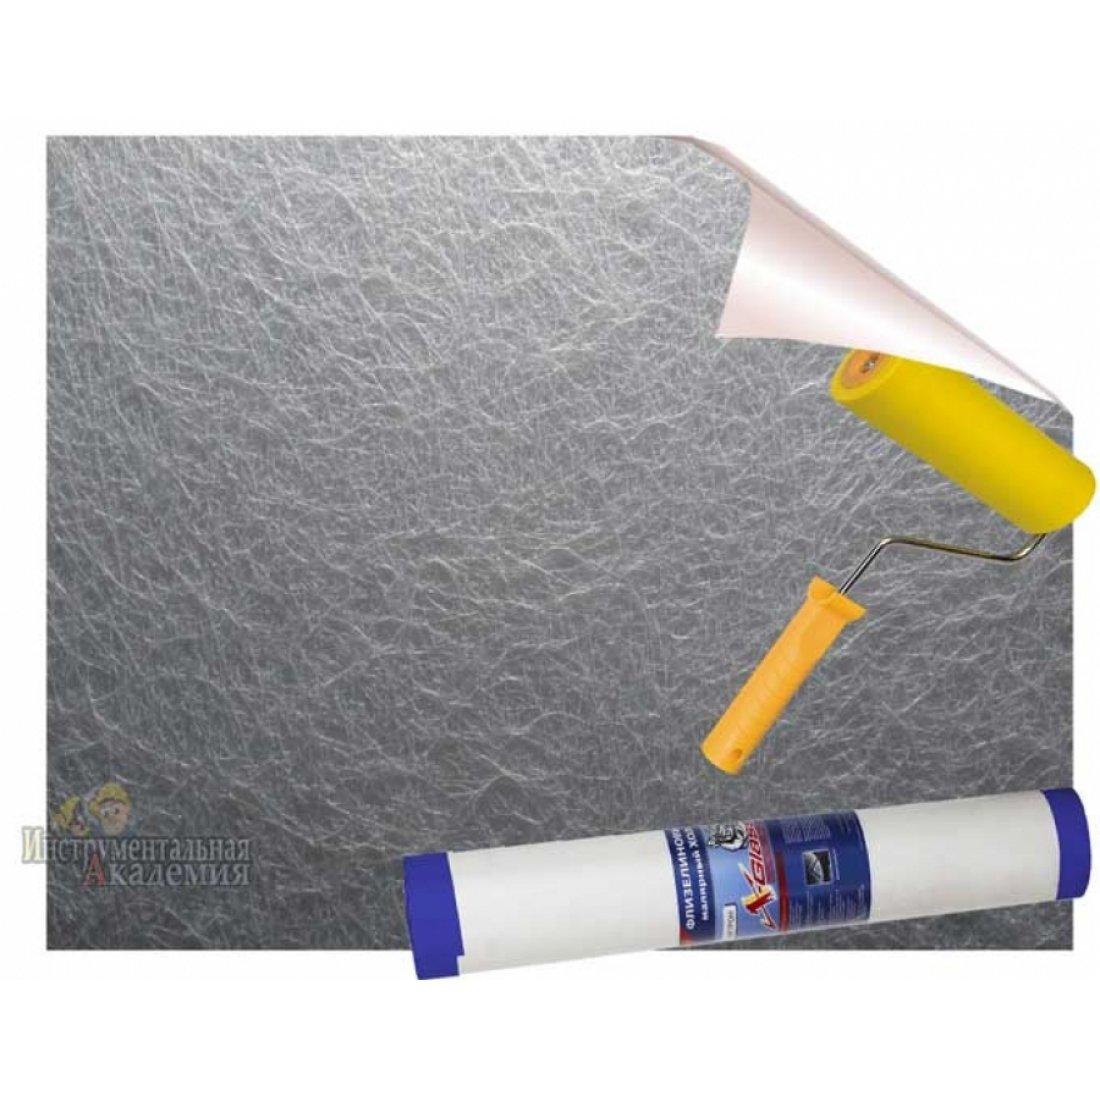 Малярный стеклохолст Fasad Pro FasadPro Стеклохолст 25 г/кв.м 50кв.м